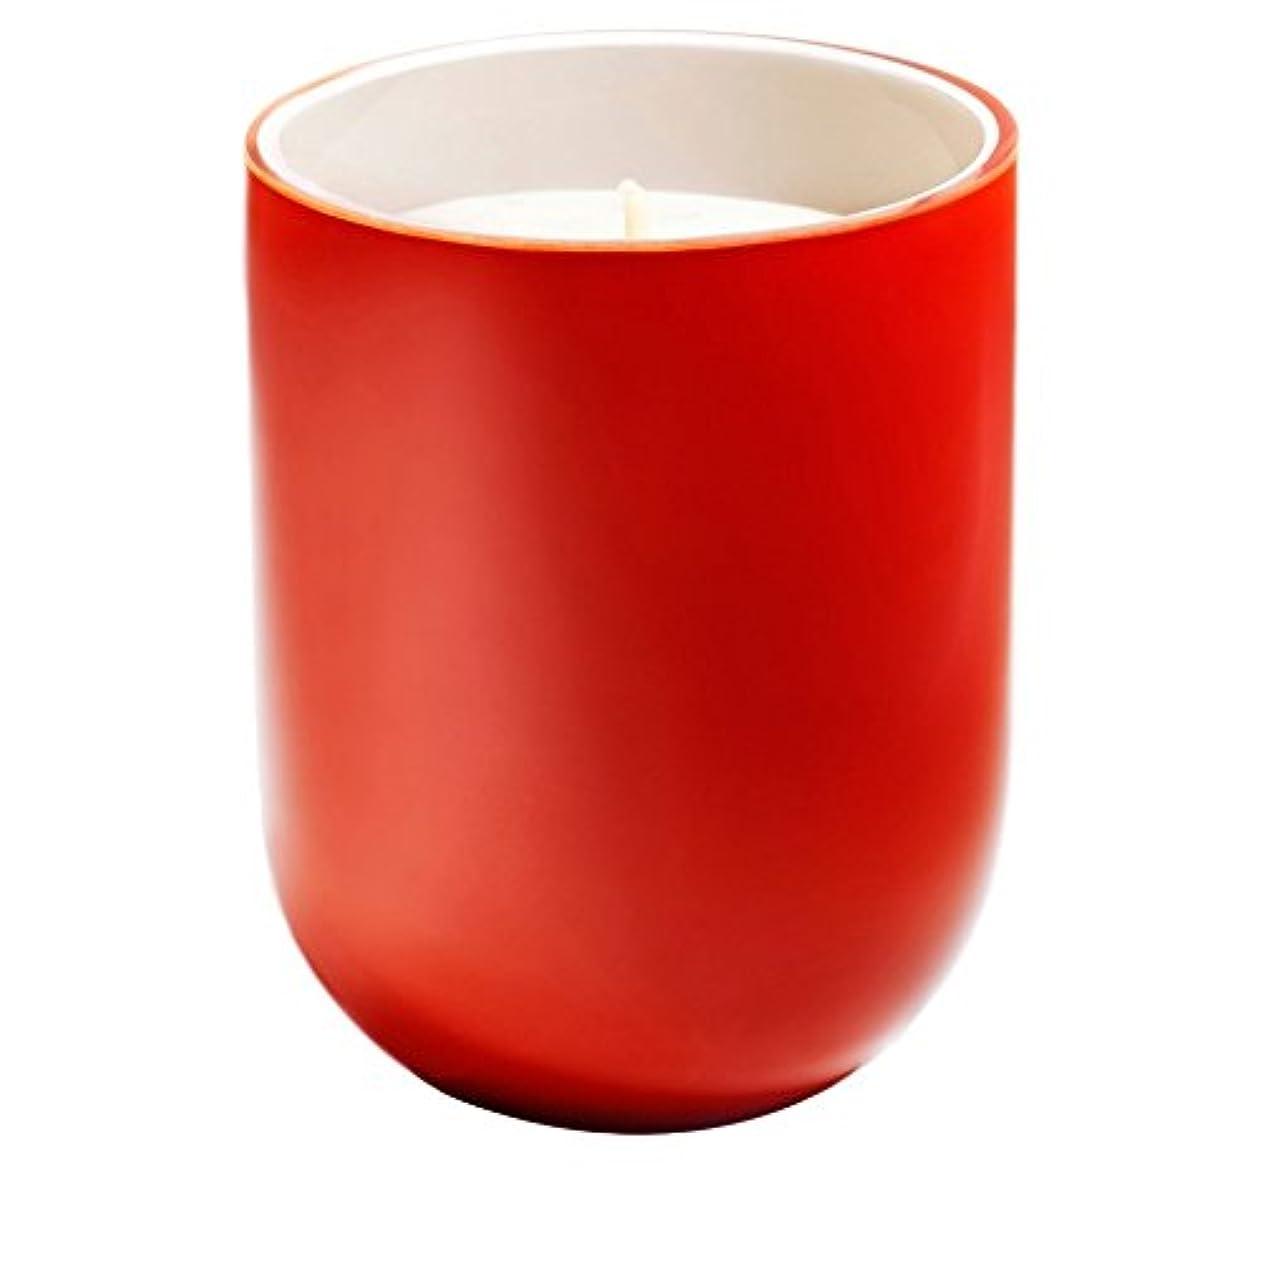 軽食豆コールドフレデリック?マル国連ガーデニア?ラ?ニュイ香りのキャンドル x6 - Frederic Malle Un Gard?nia La Nuit Scented Candle (Pack of 6) [並行輸入品]